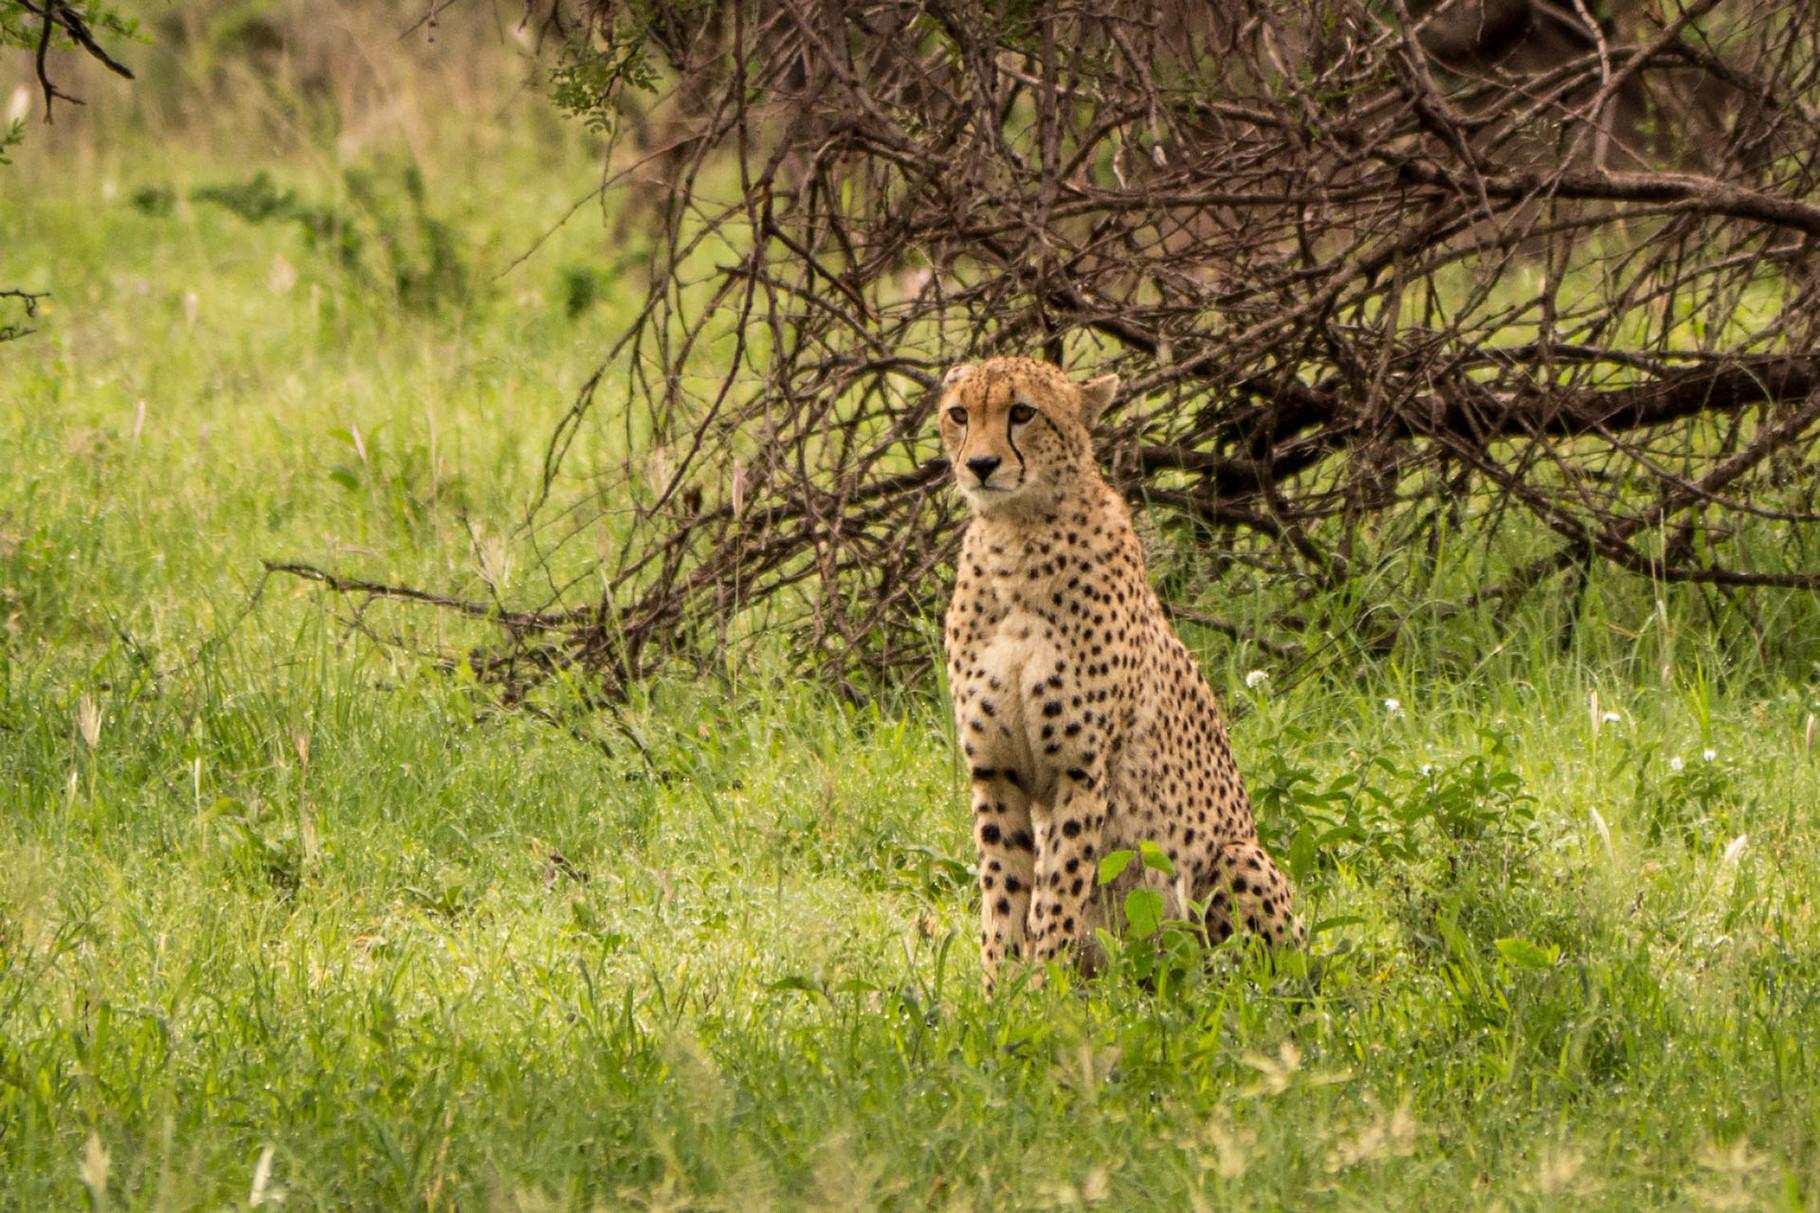 Cheetah [Serengeti, Tanzania, 2015]